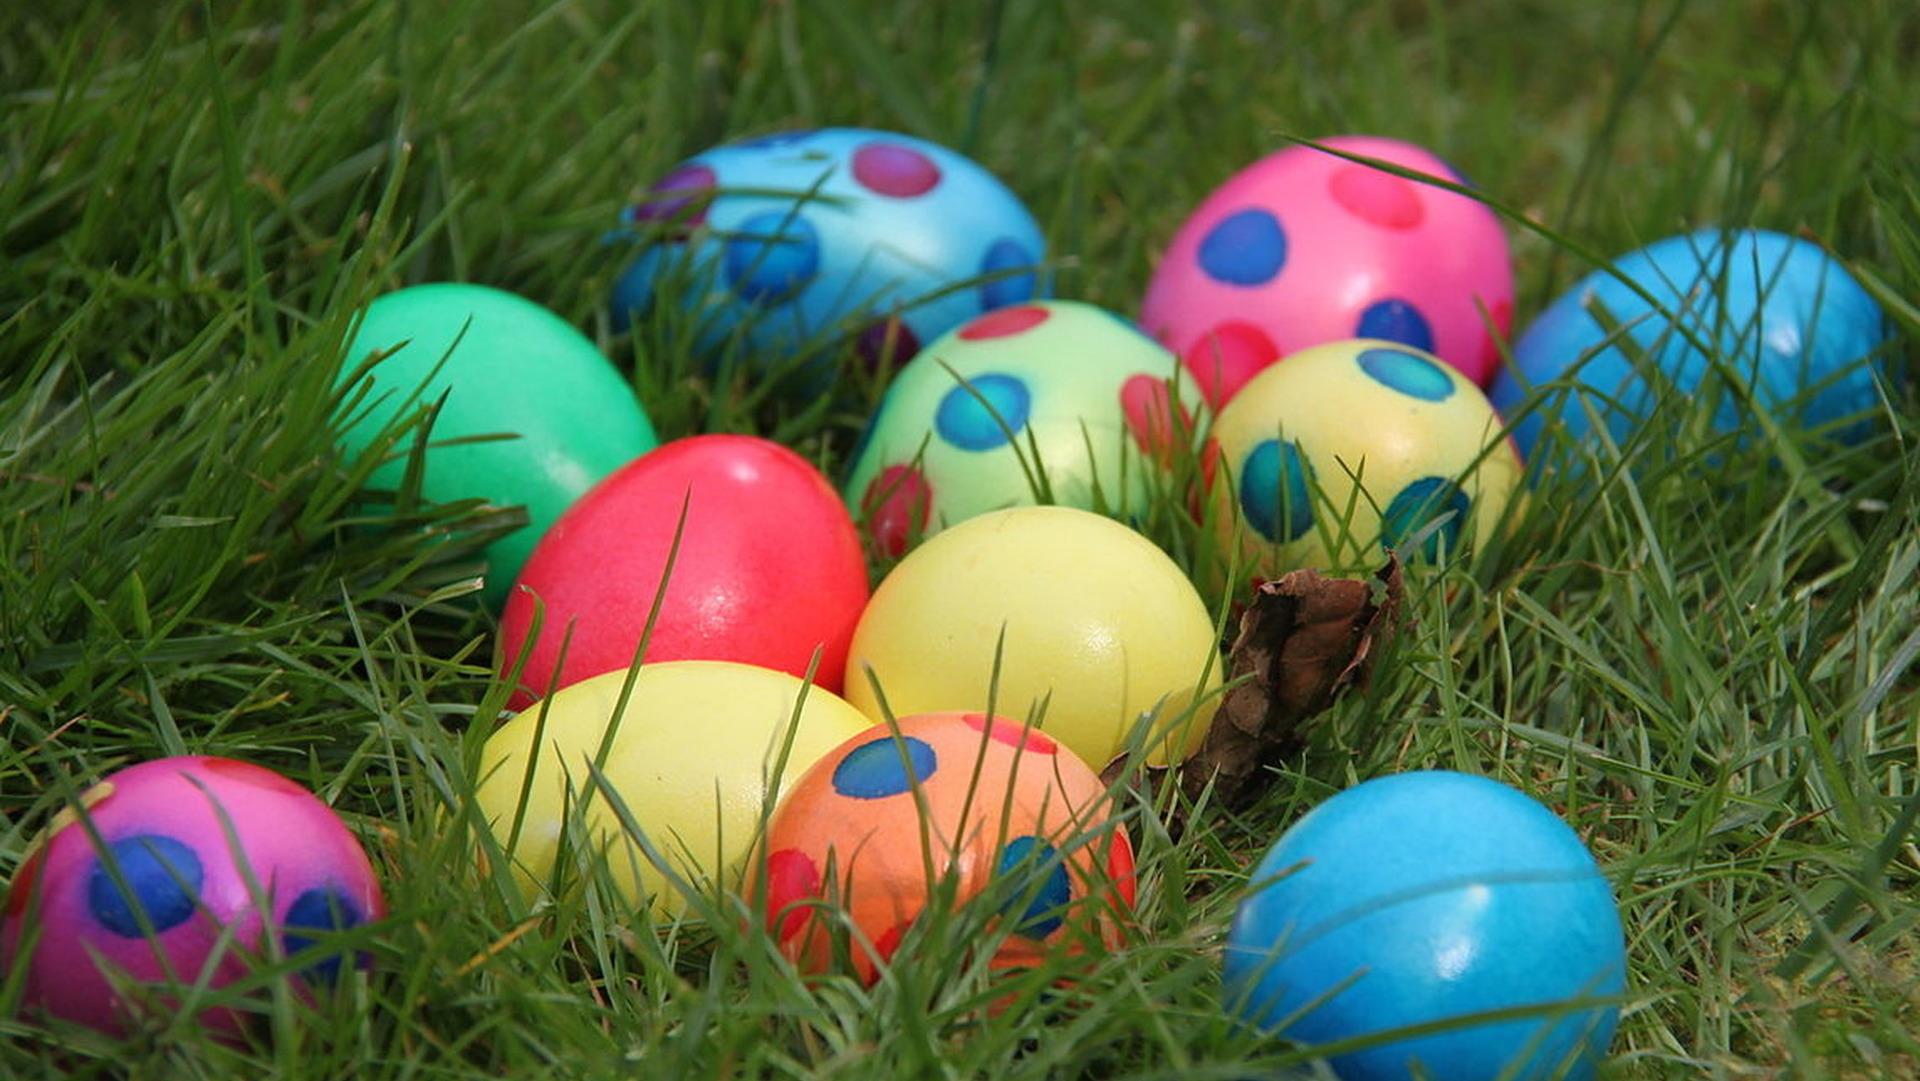 Easter-Gods-children-eggs-in-the-lawn.jpg